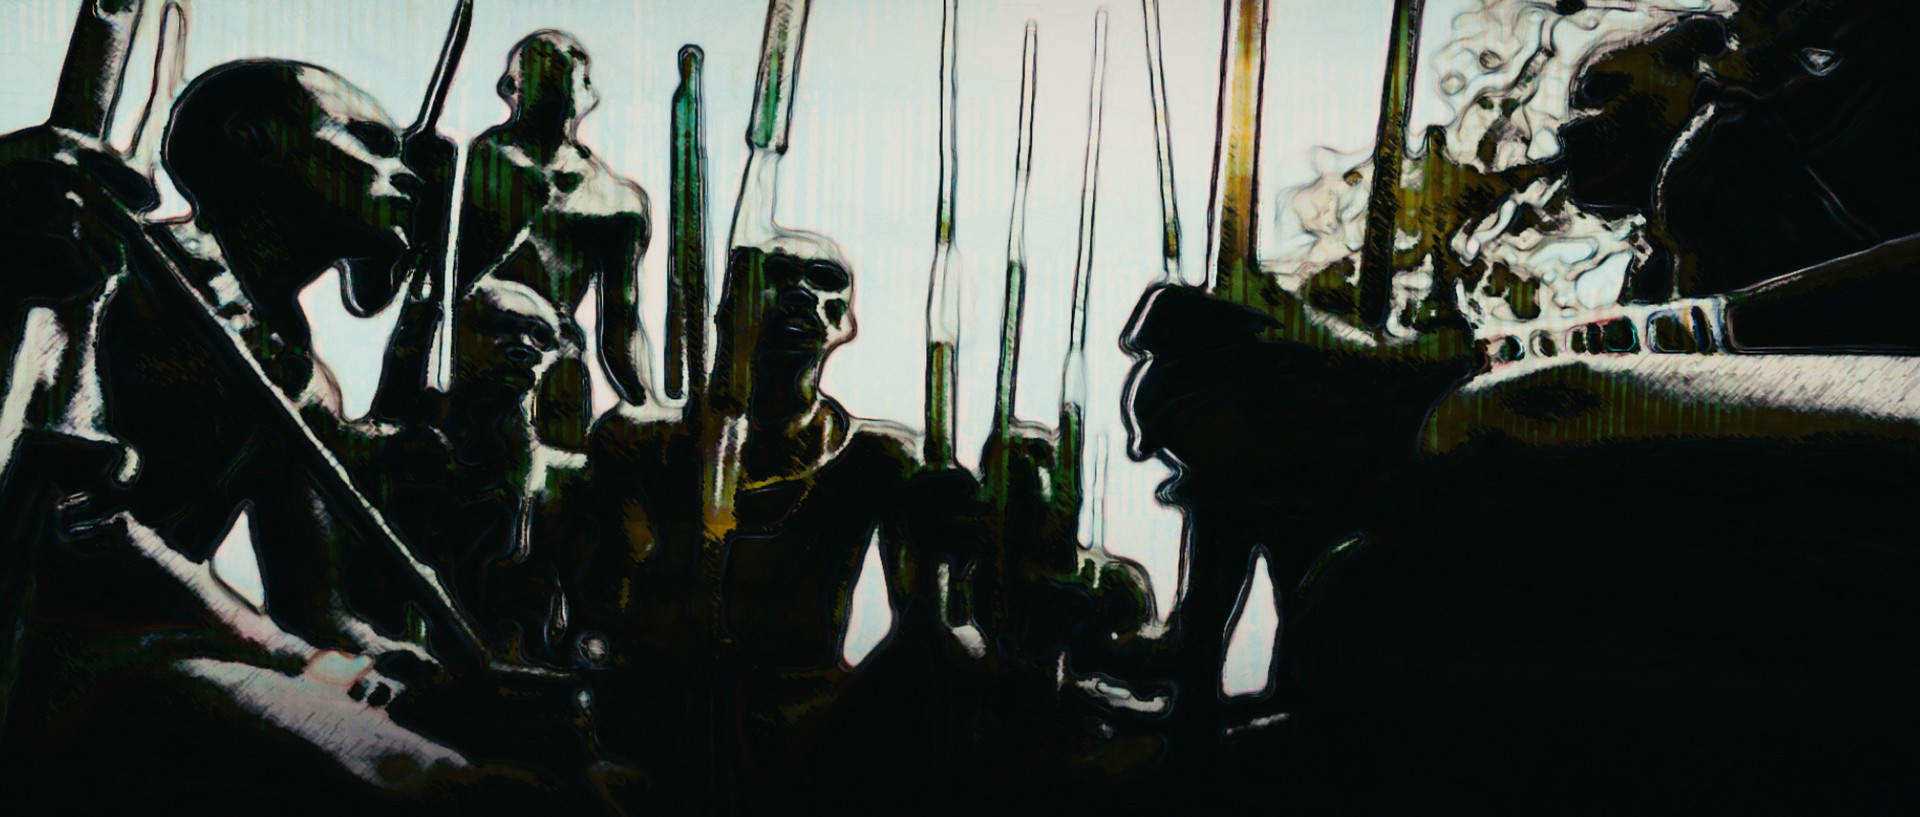 DirenAgbaba_musicvideo_Urukhigh_3